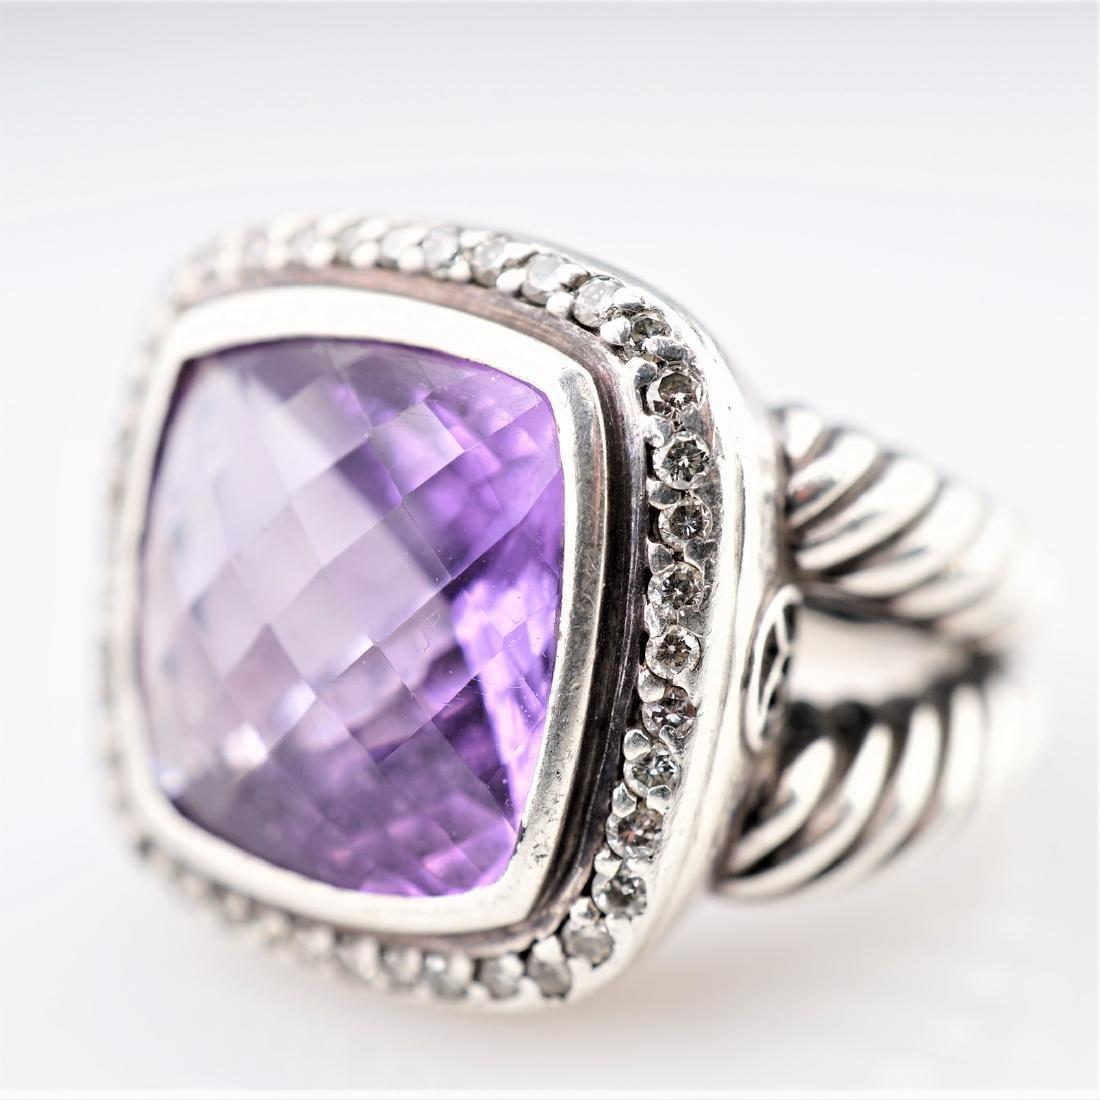 David Yurman 925 Amethyst Ring sz 7